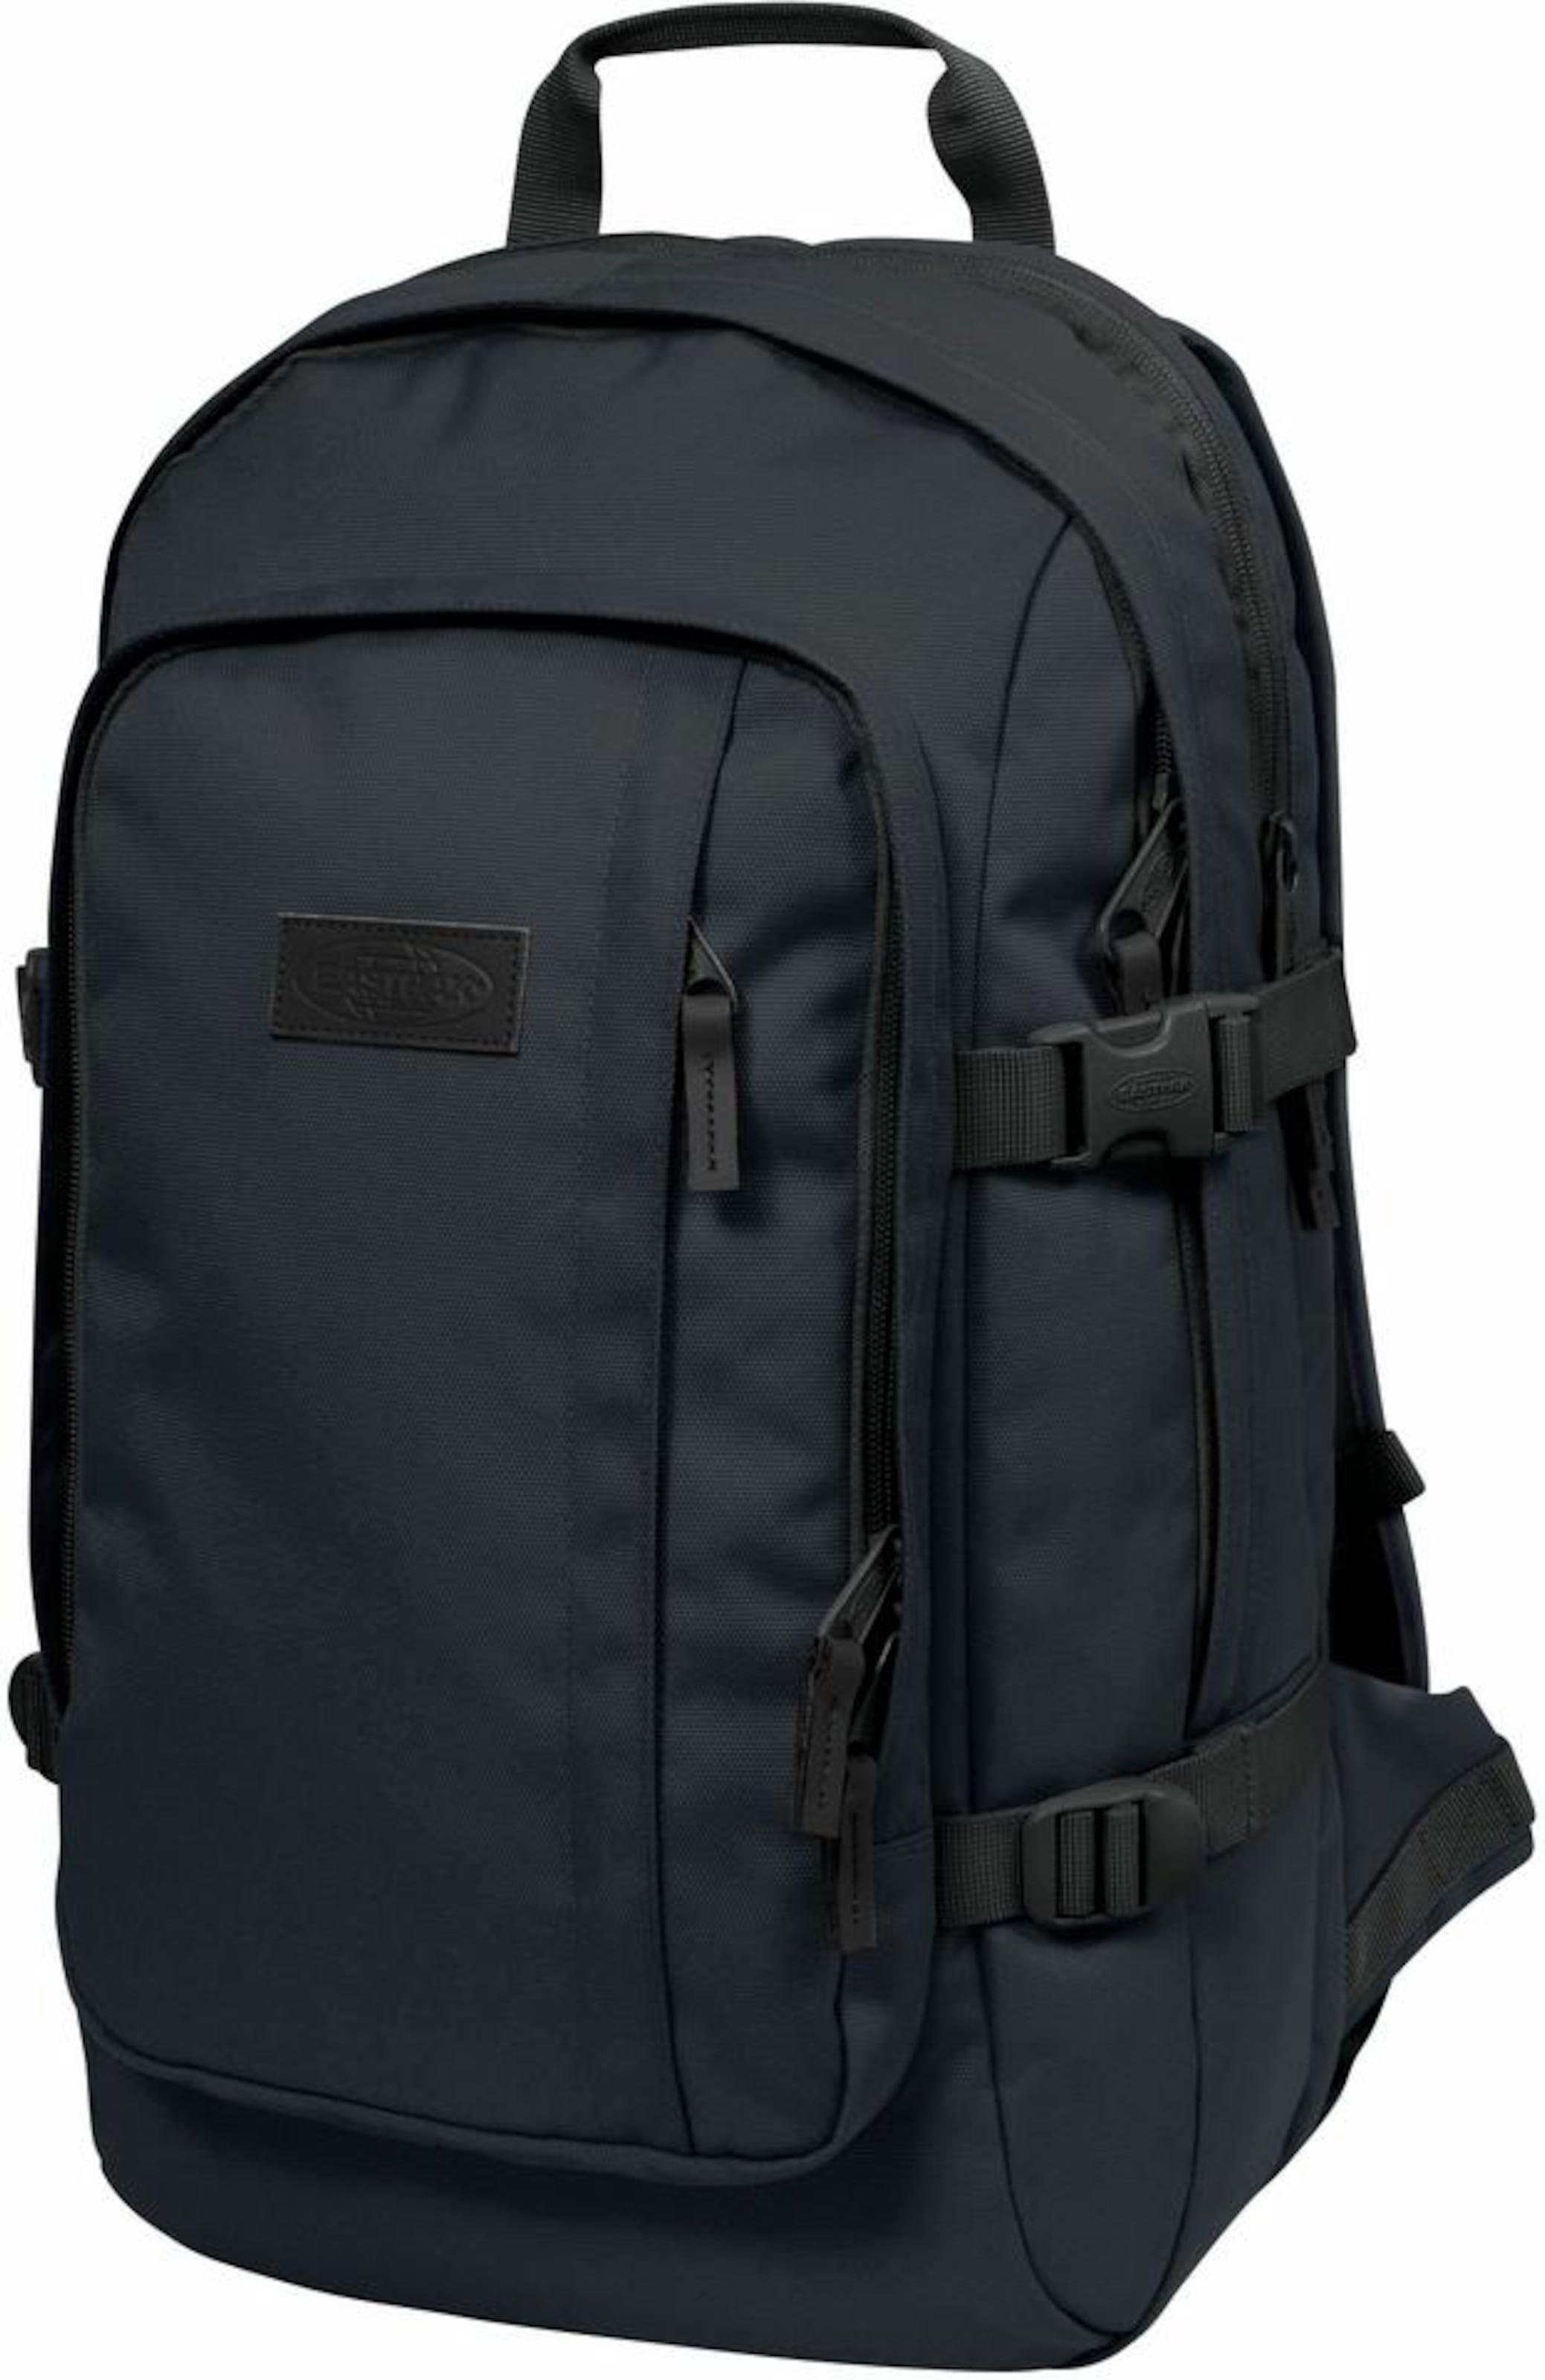 EASTPAK Eastpak Daypack »EVANZ« Kaufen Sie Ihre Lieblings Steckdose Authentisch Neueste Top-Qualität Online Ucbw9HHUM